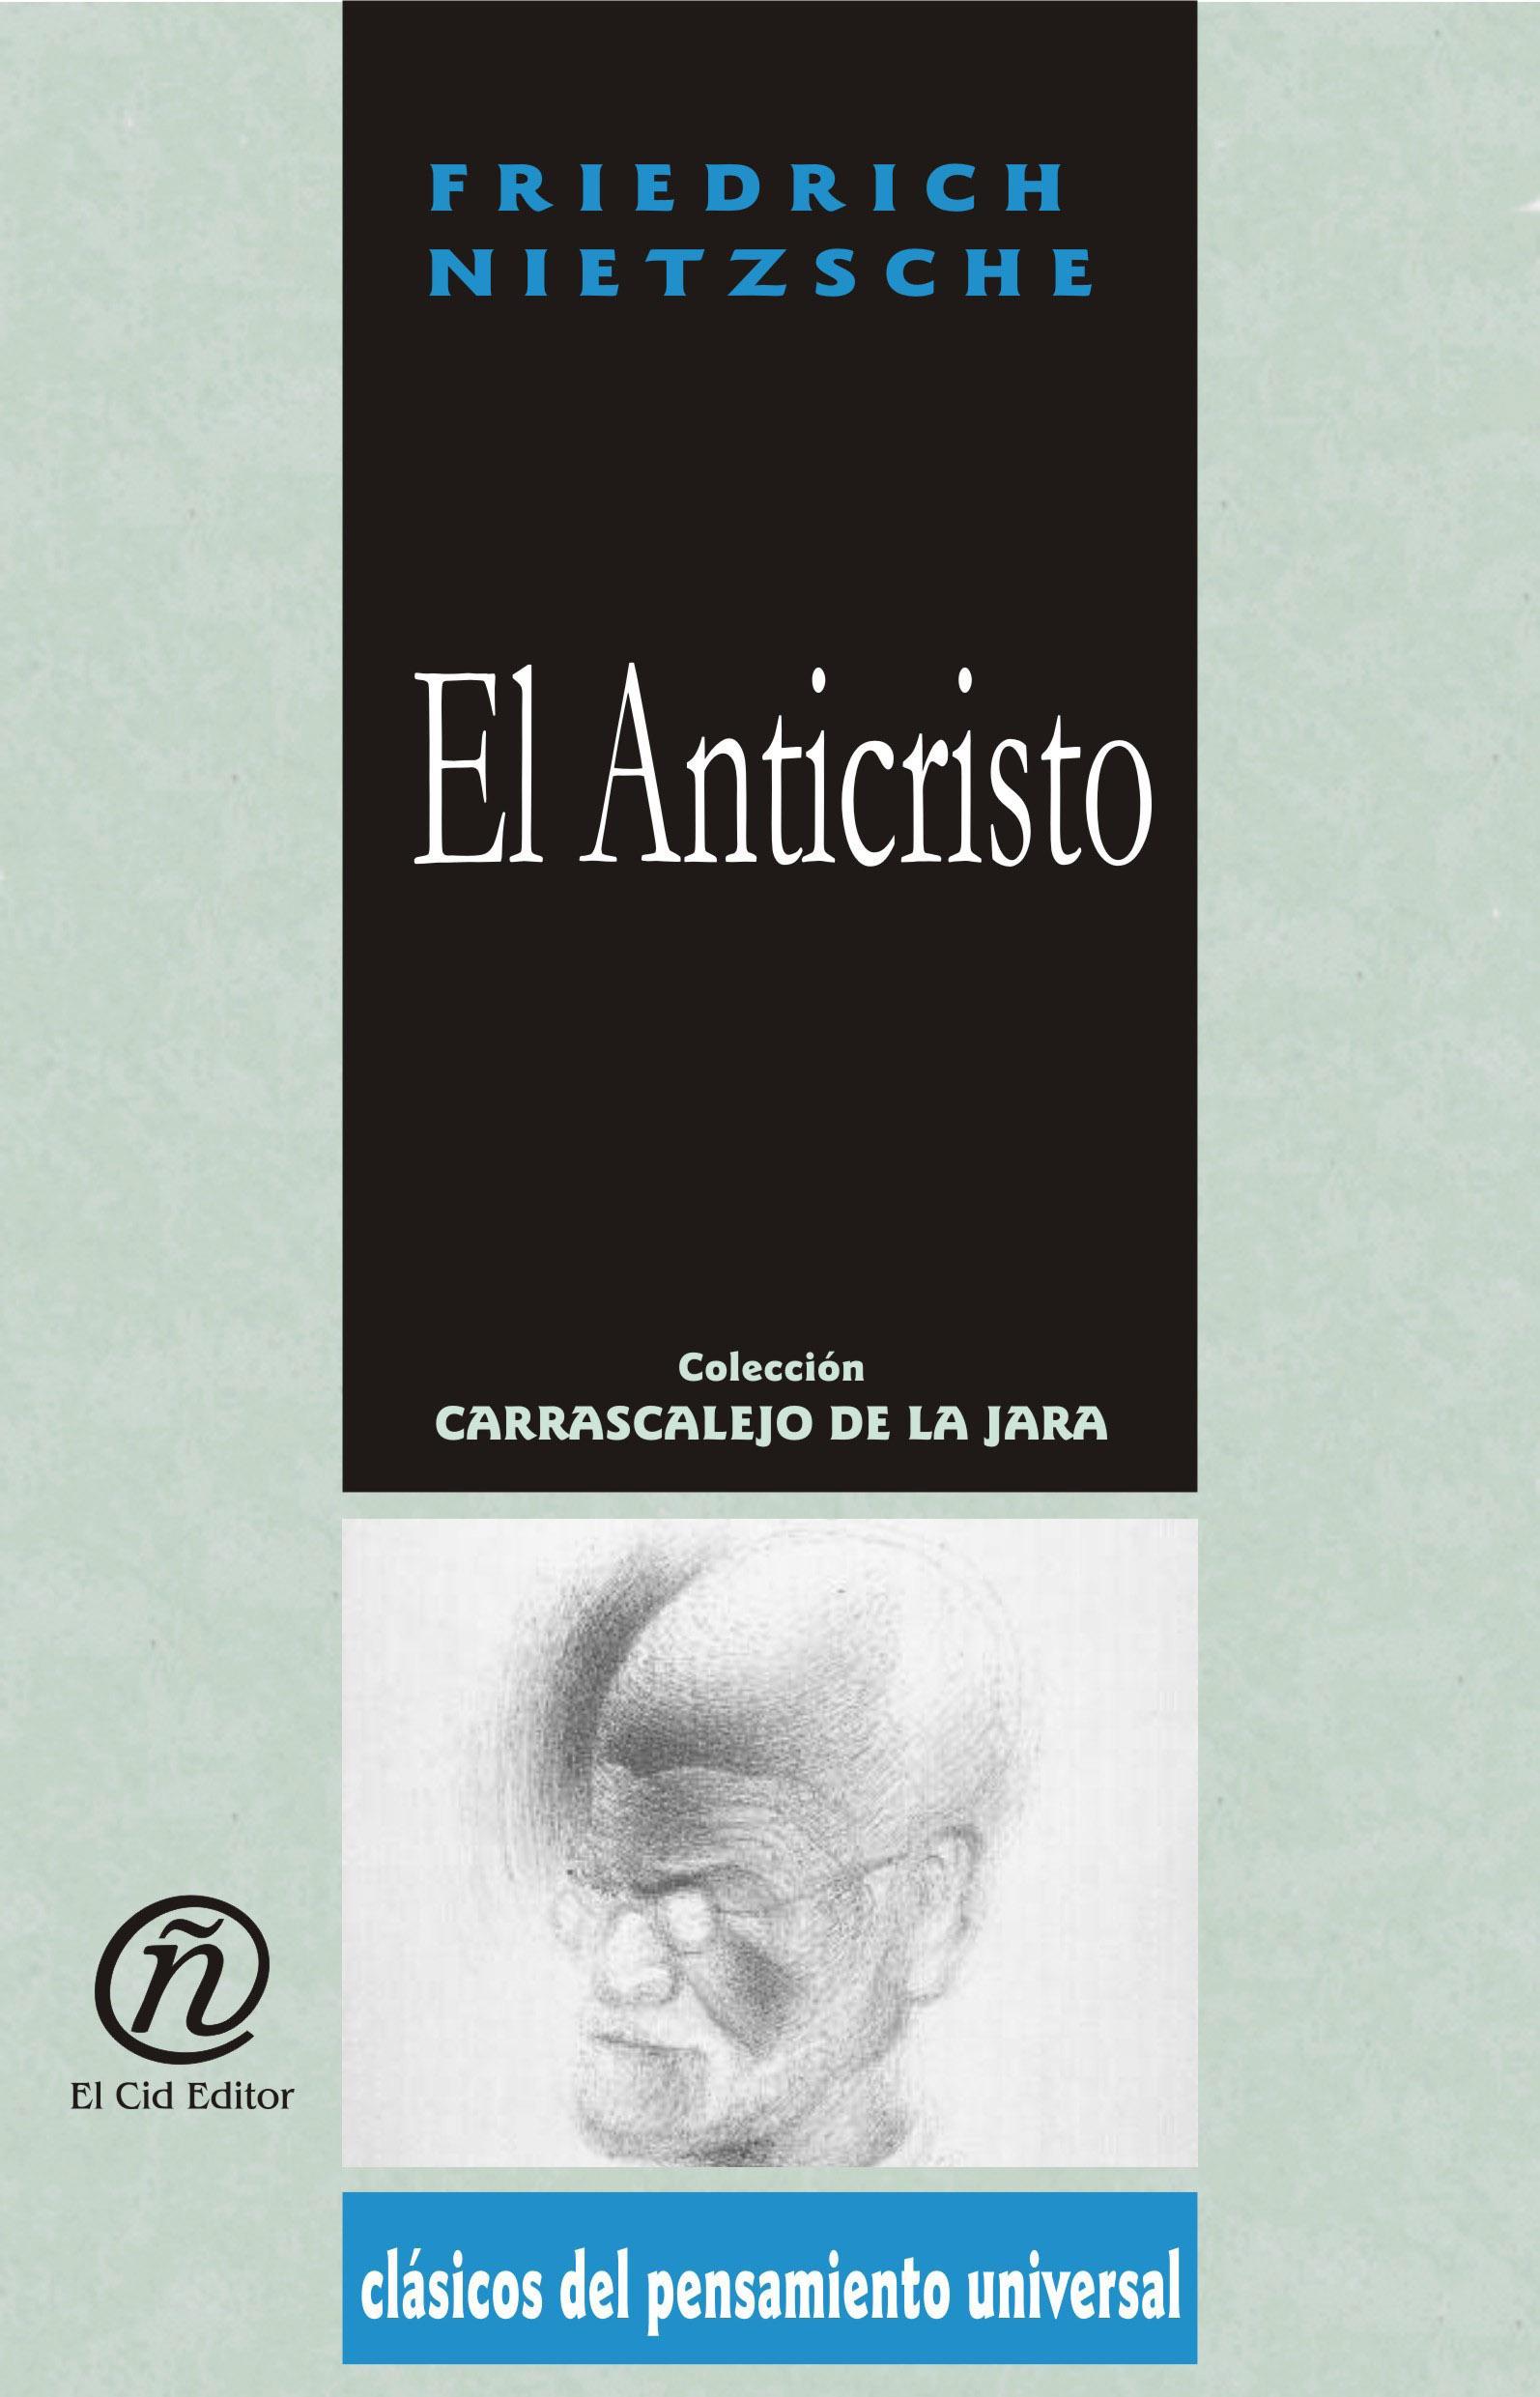 El Anticristo: Colecci?n de Cl?sicos del Pensamiento Universal